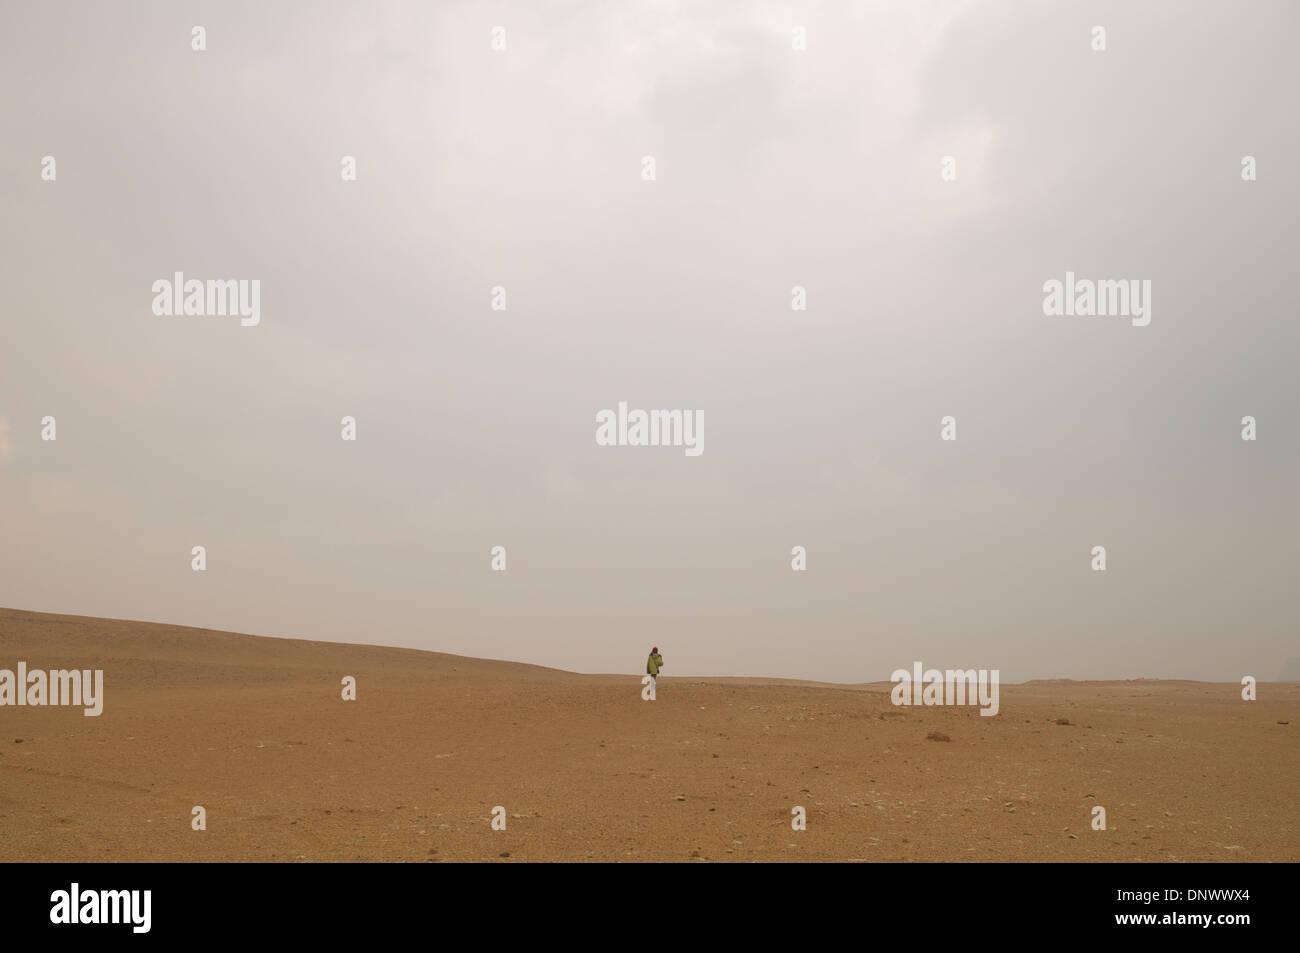 Tourist walking in the desert at Dahshur, Egypt. - Stock Image